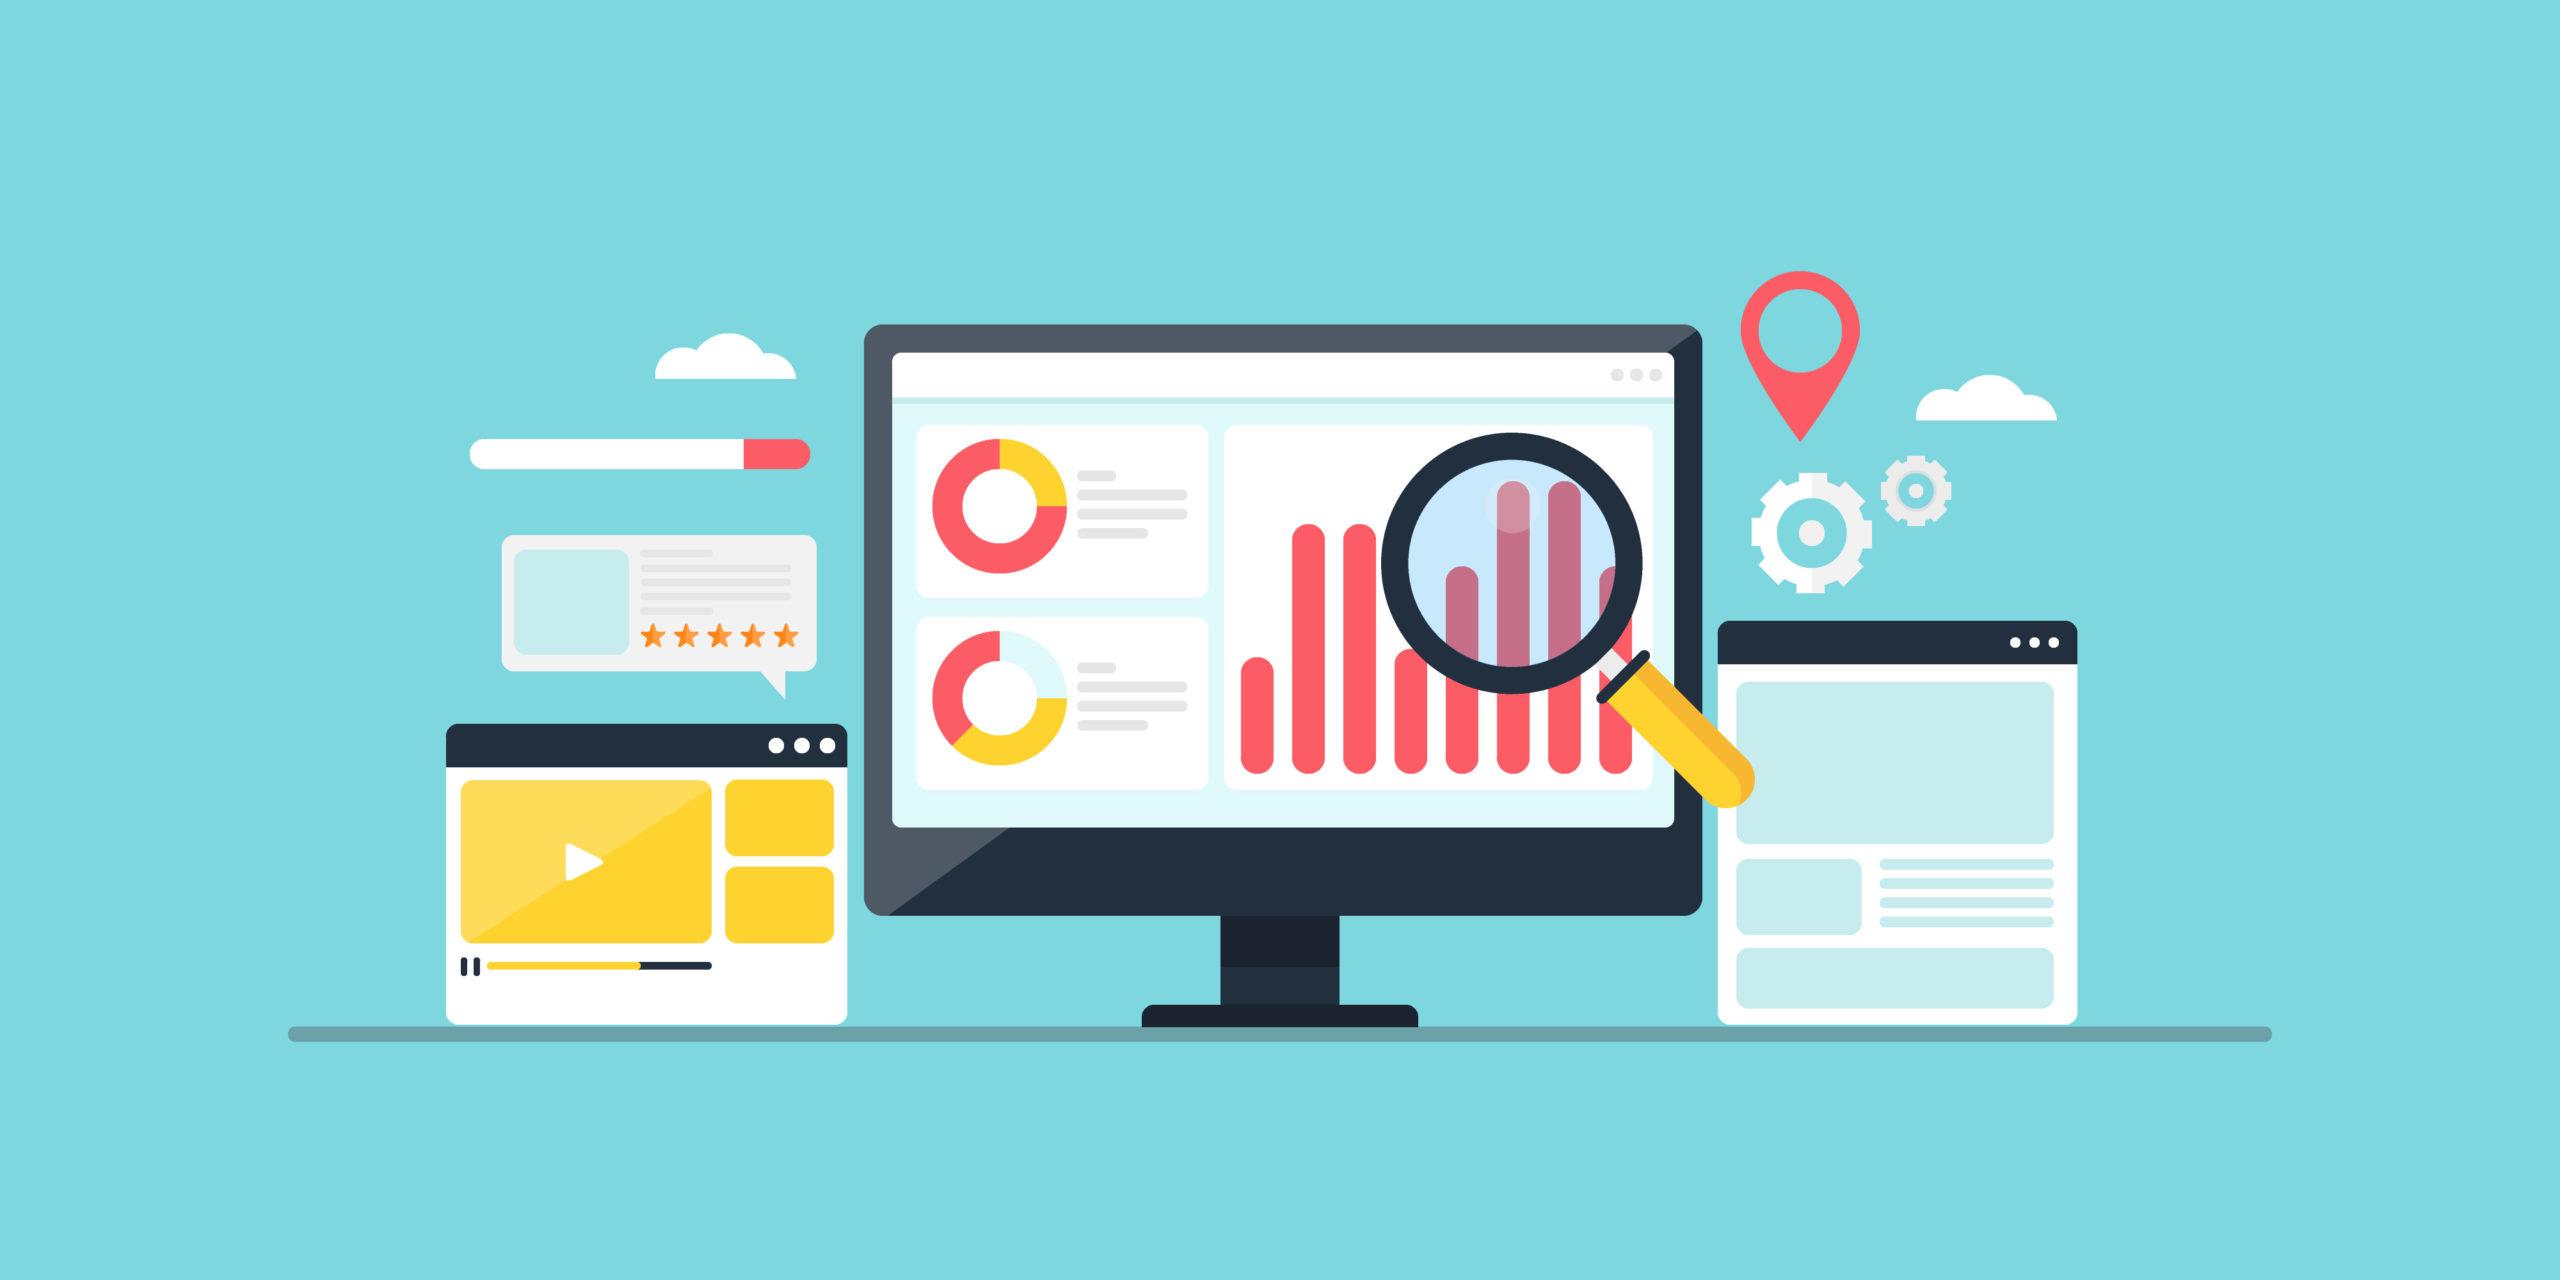 20110427189389 scaled - Como avaliar os resultados em sites que investem em conteúdo?